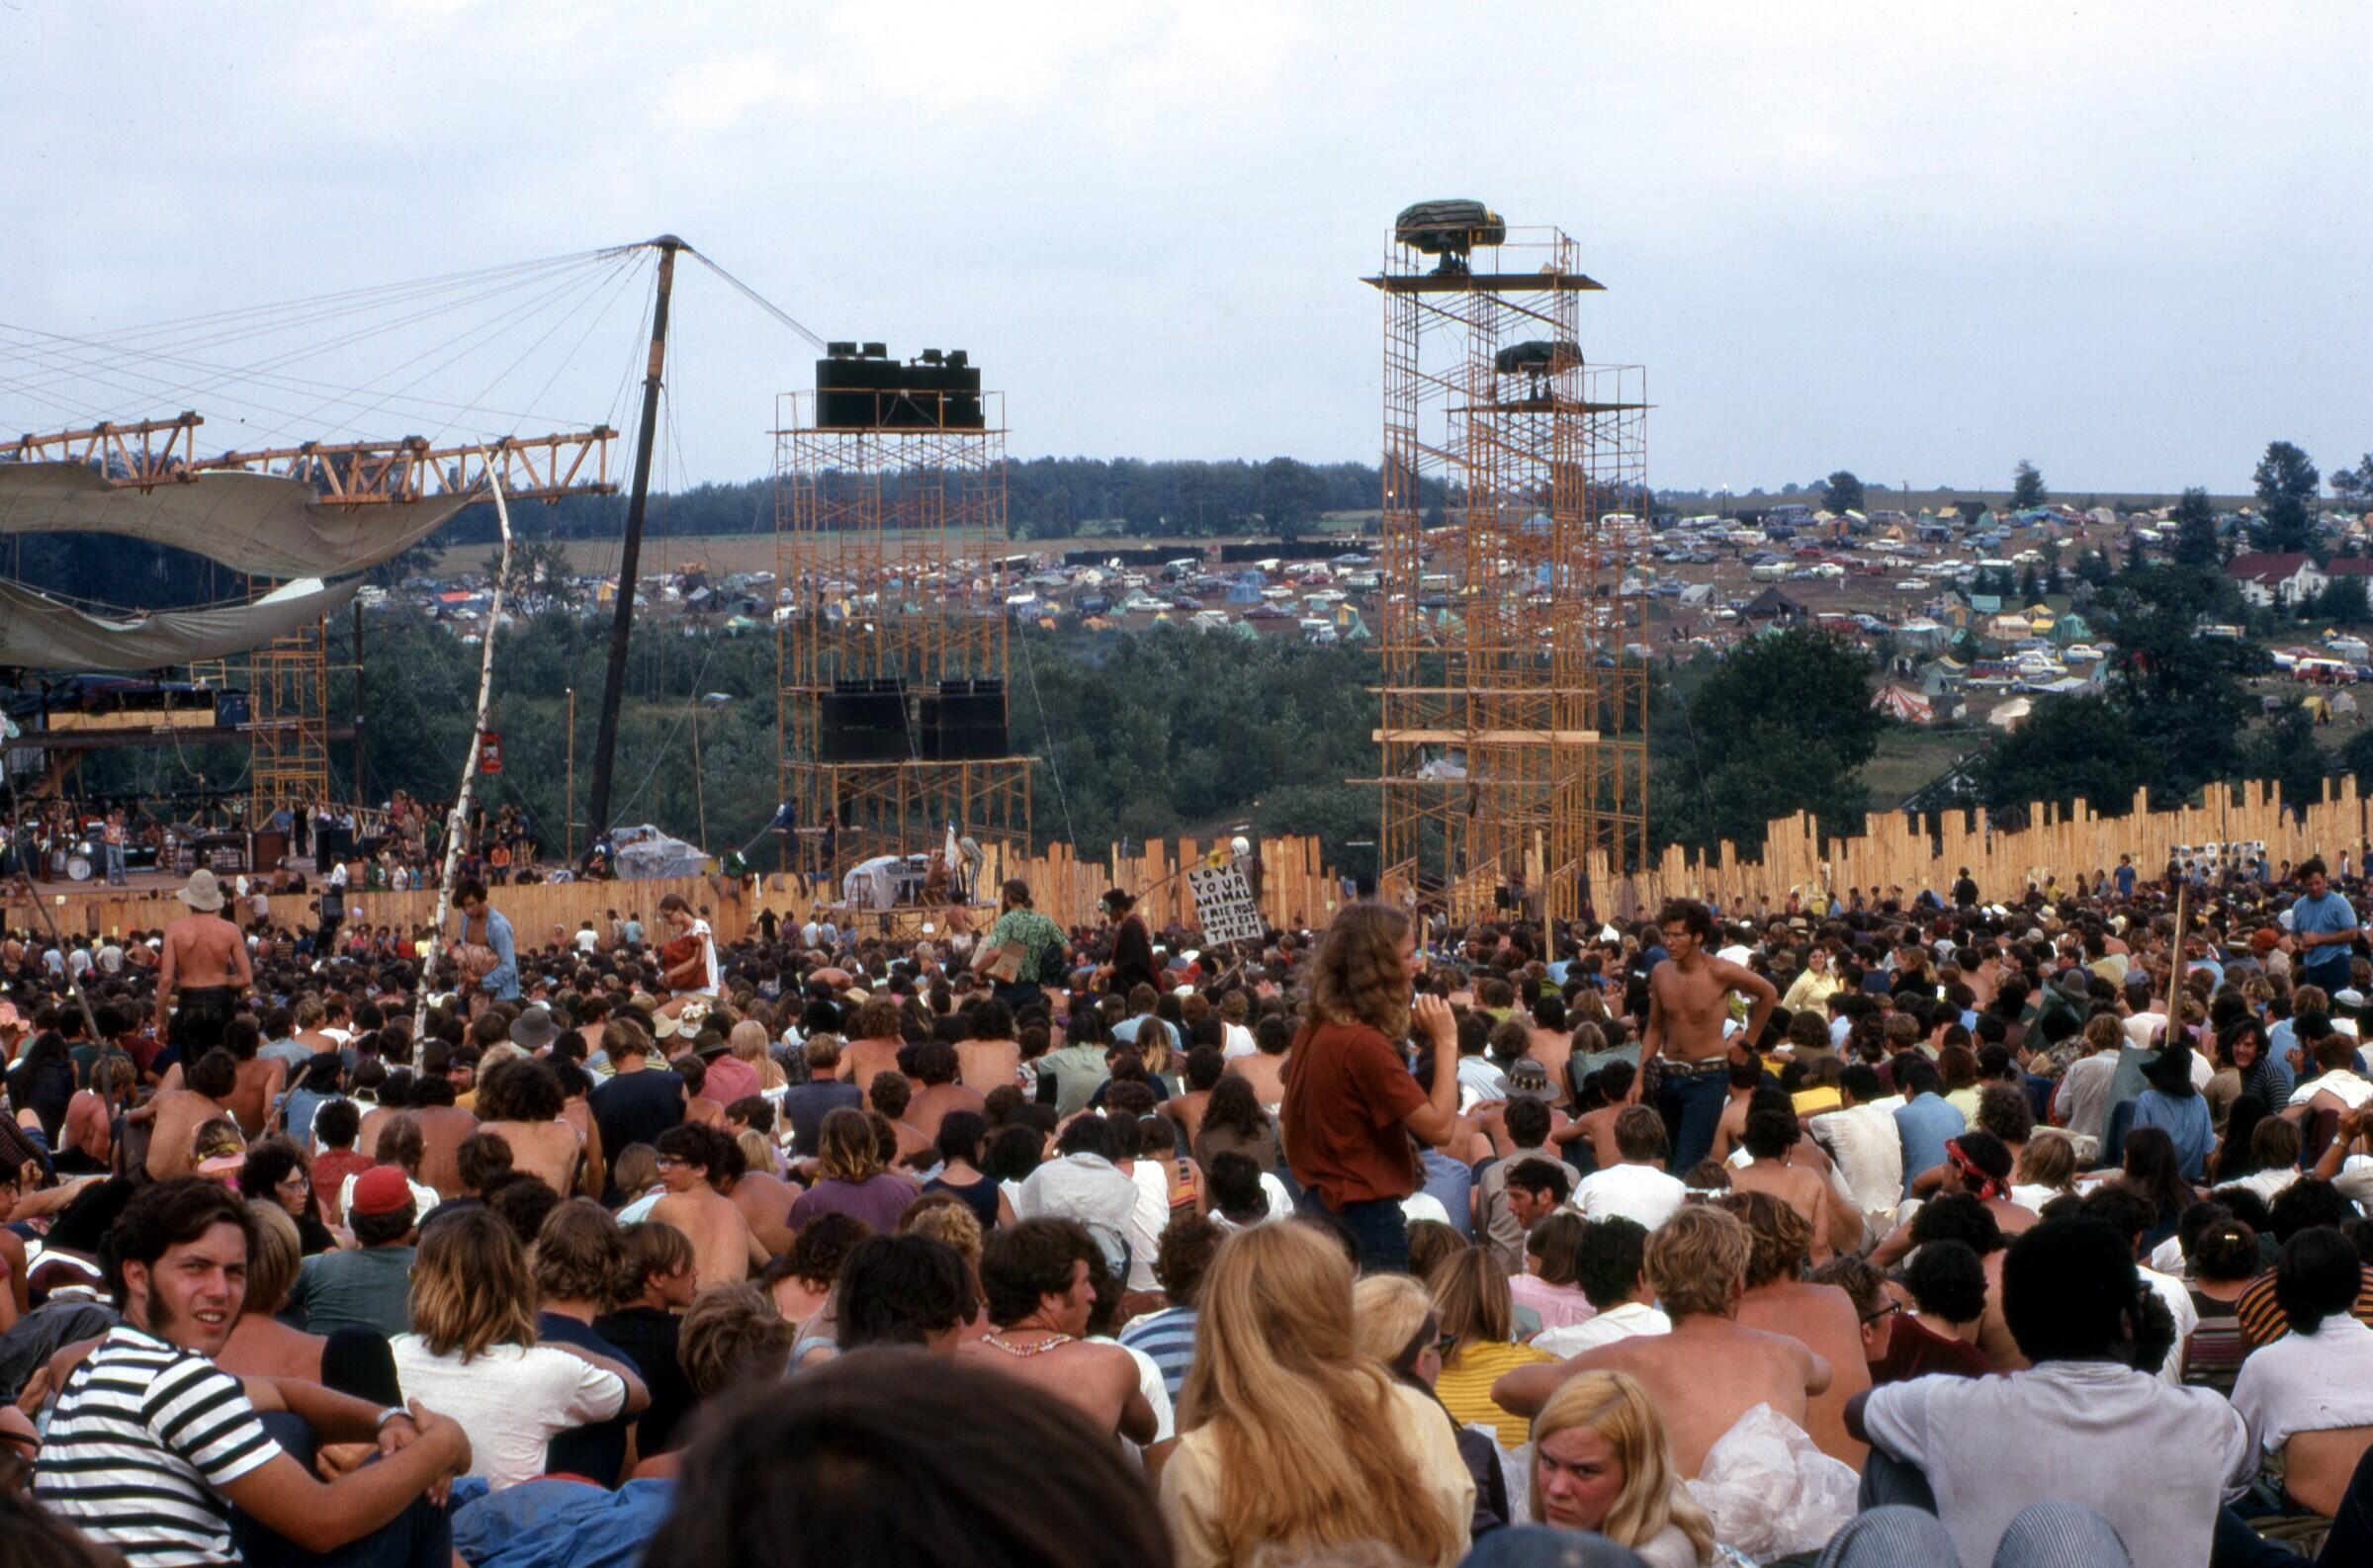 Cảnh tượng người chen chúc theo dõi các chương trình biểu diễn tại lễ hội Woodstock năm 1969.